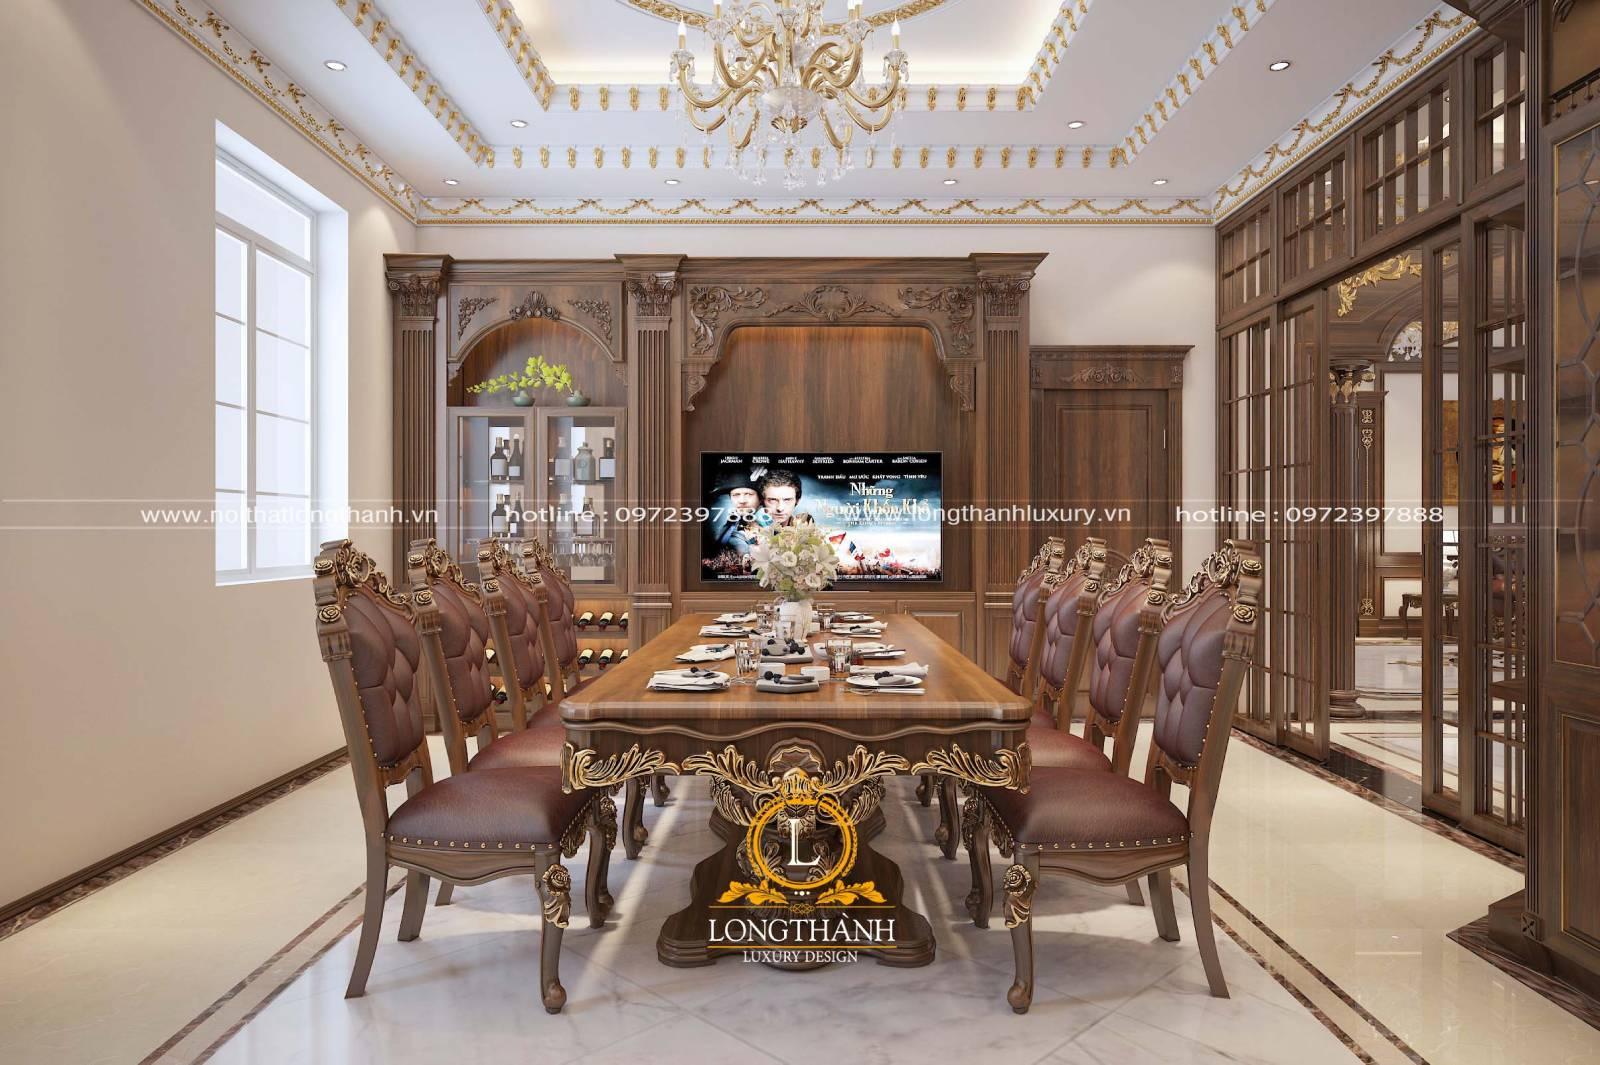 Thiết kế tủ bếp gỗ Gõ kết hợp đồng bộ với bàn ăn và nội thất phòng bếp